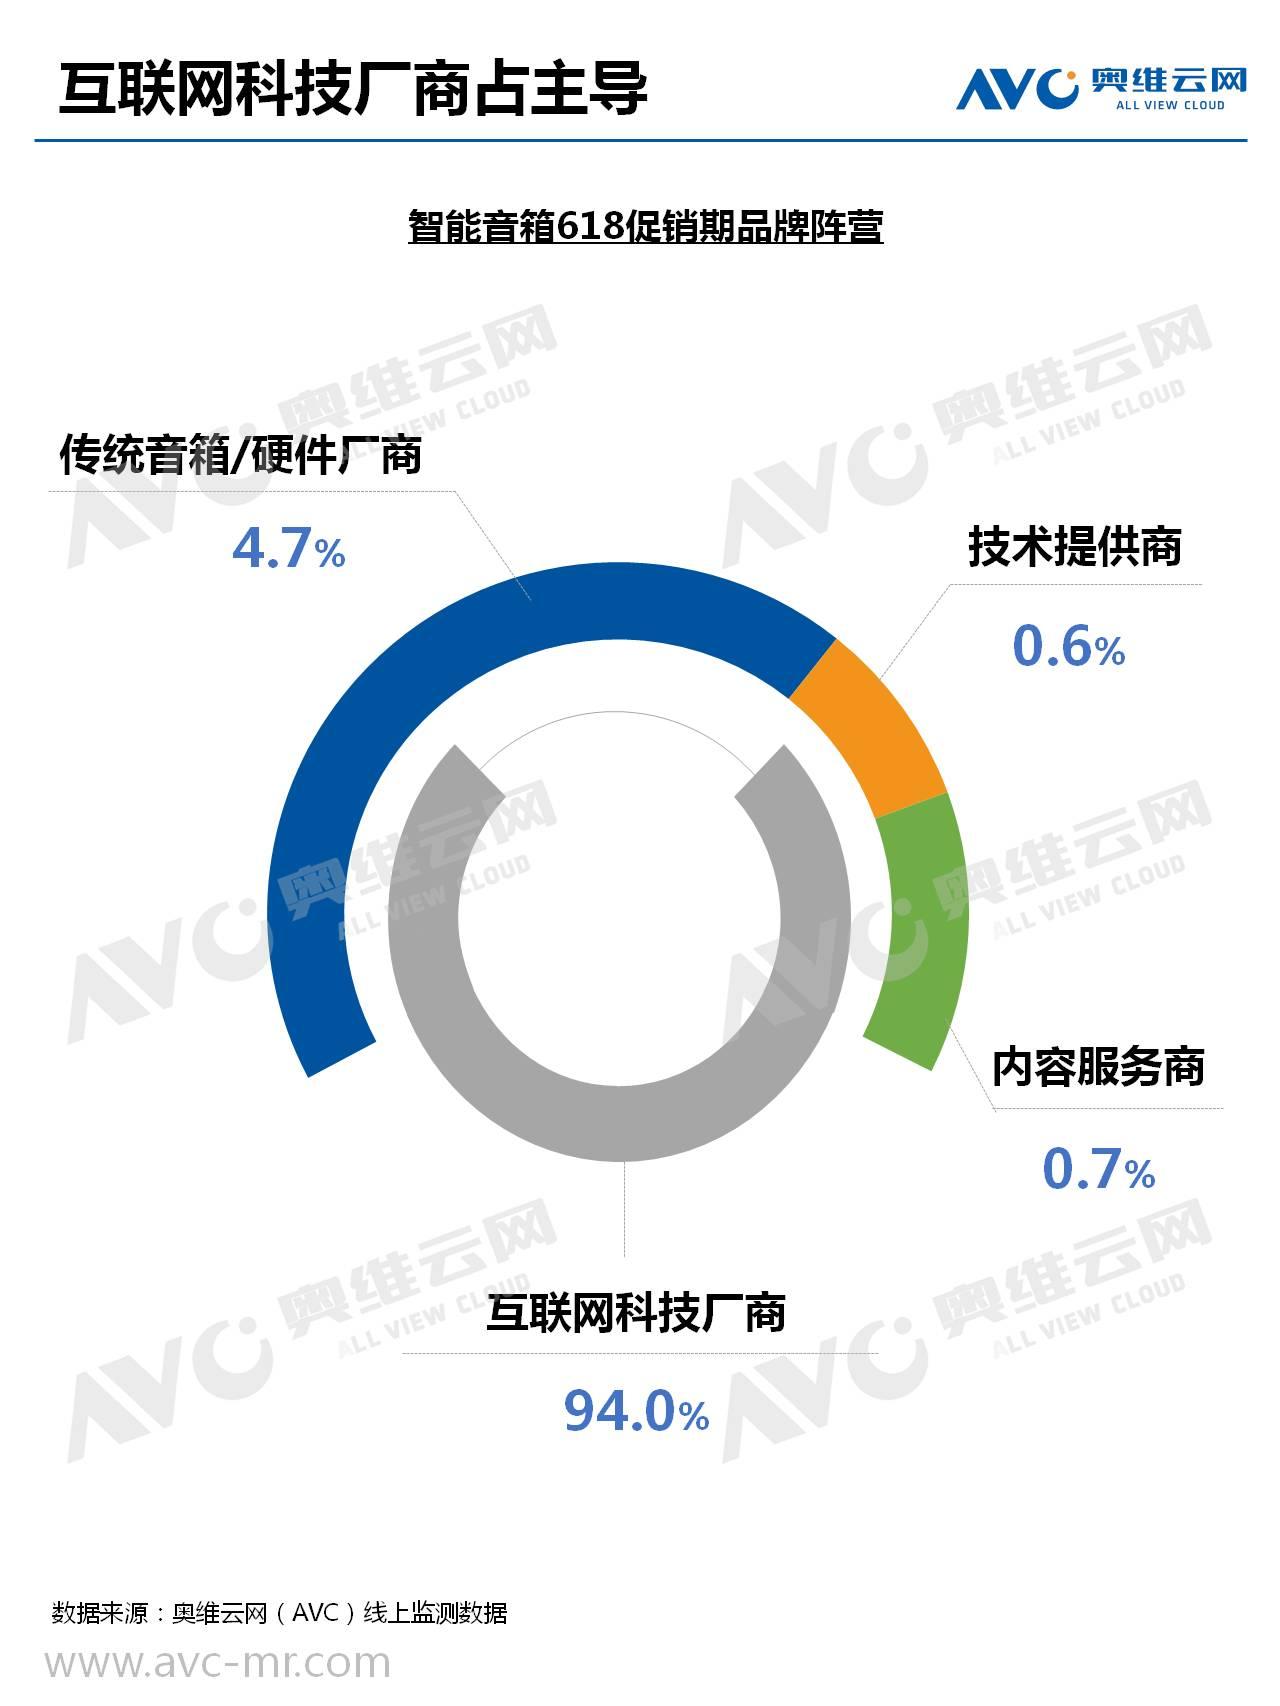 中国智能影音市场618报告——智能音箱(ppt)